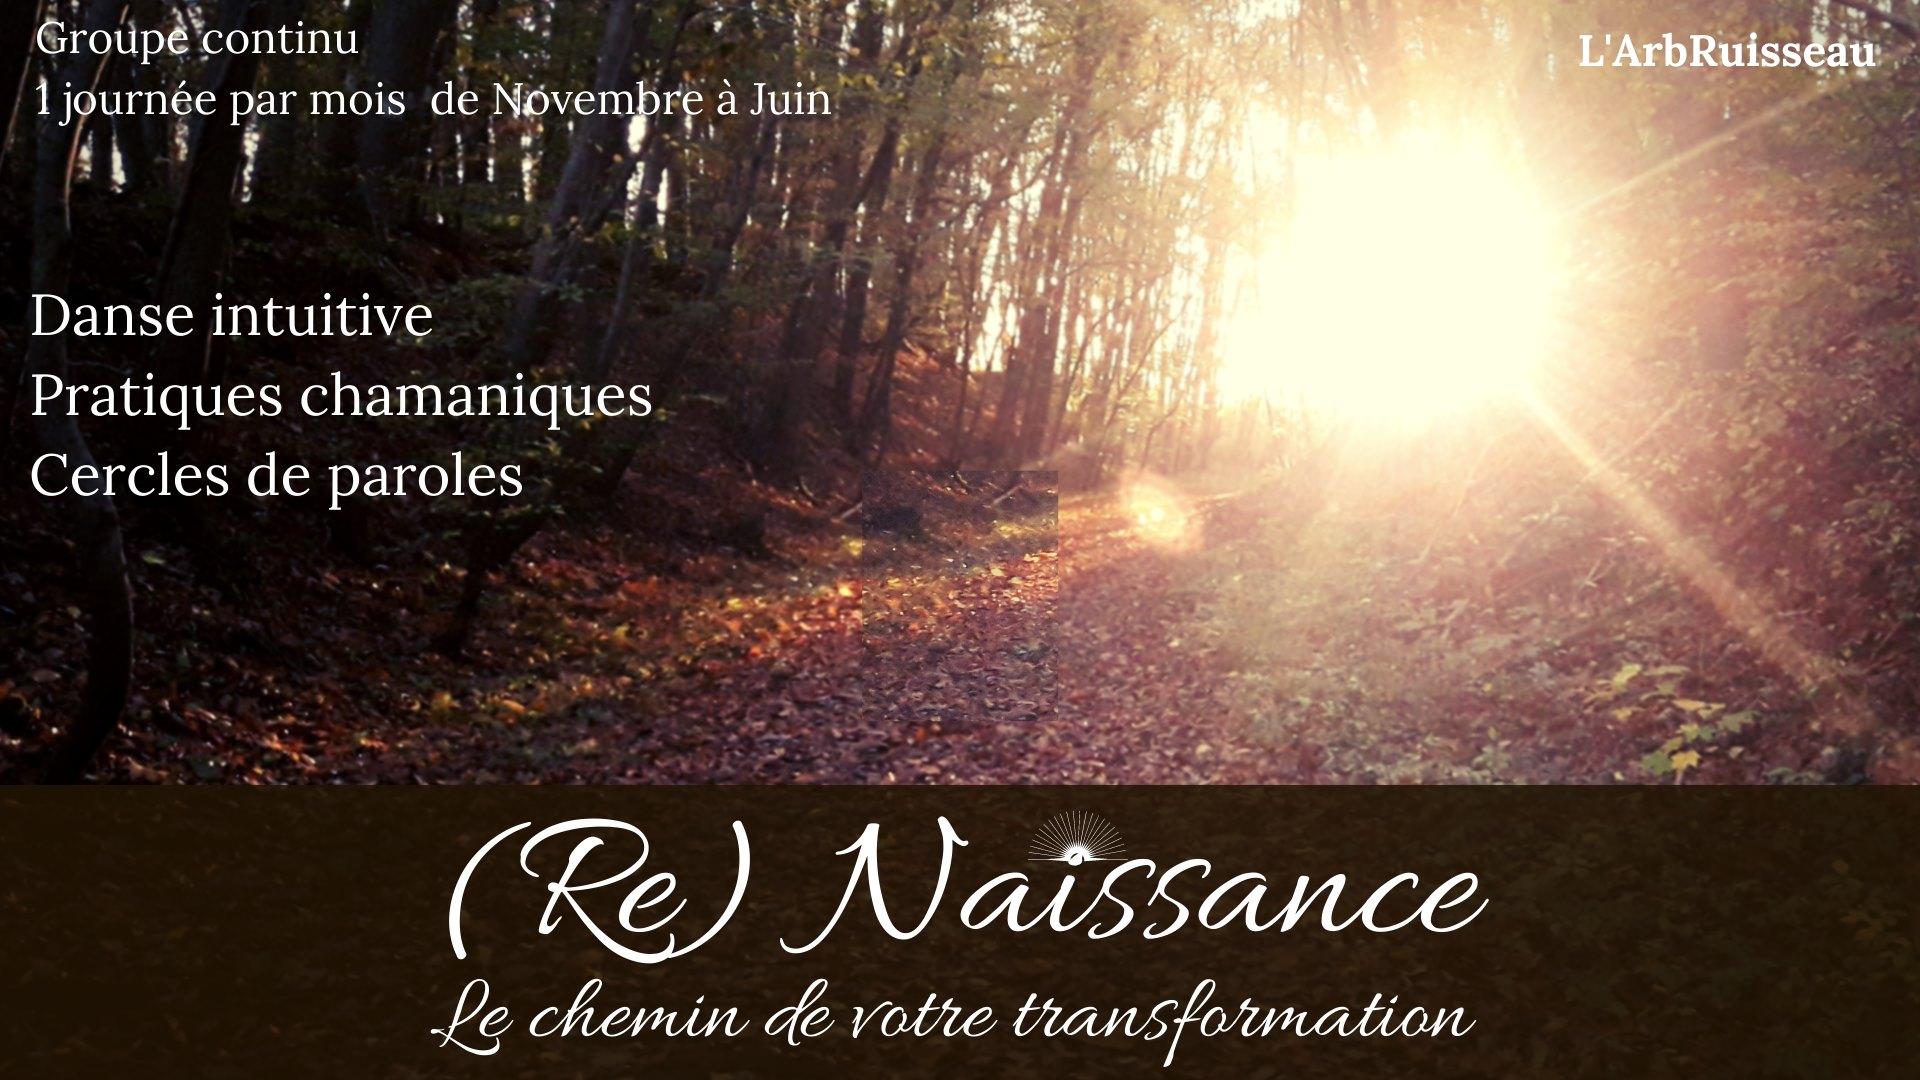 (Re) Naissance - Cycle de 9 séances